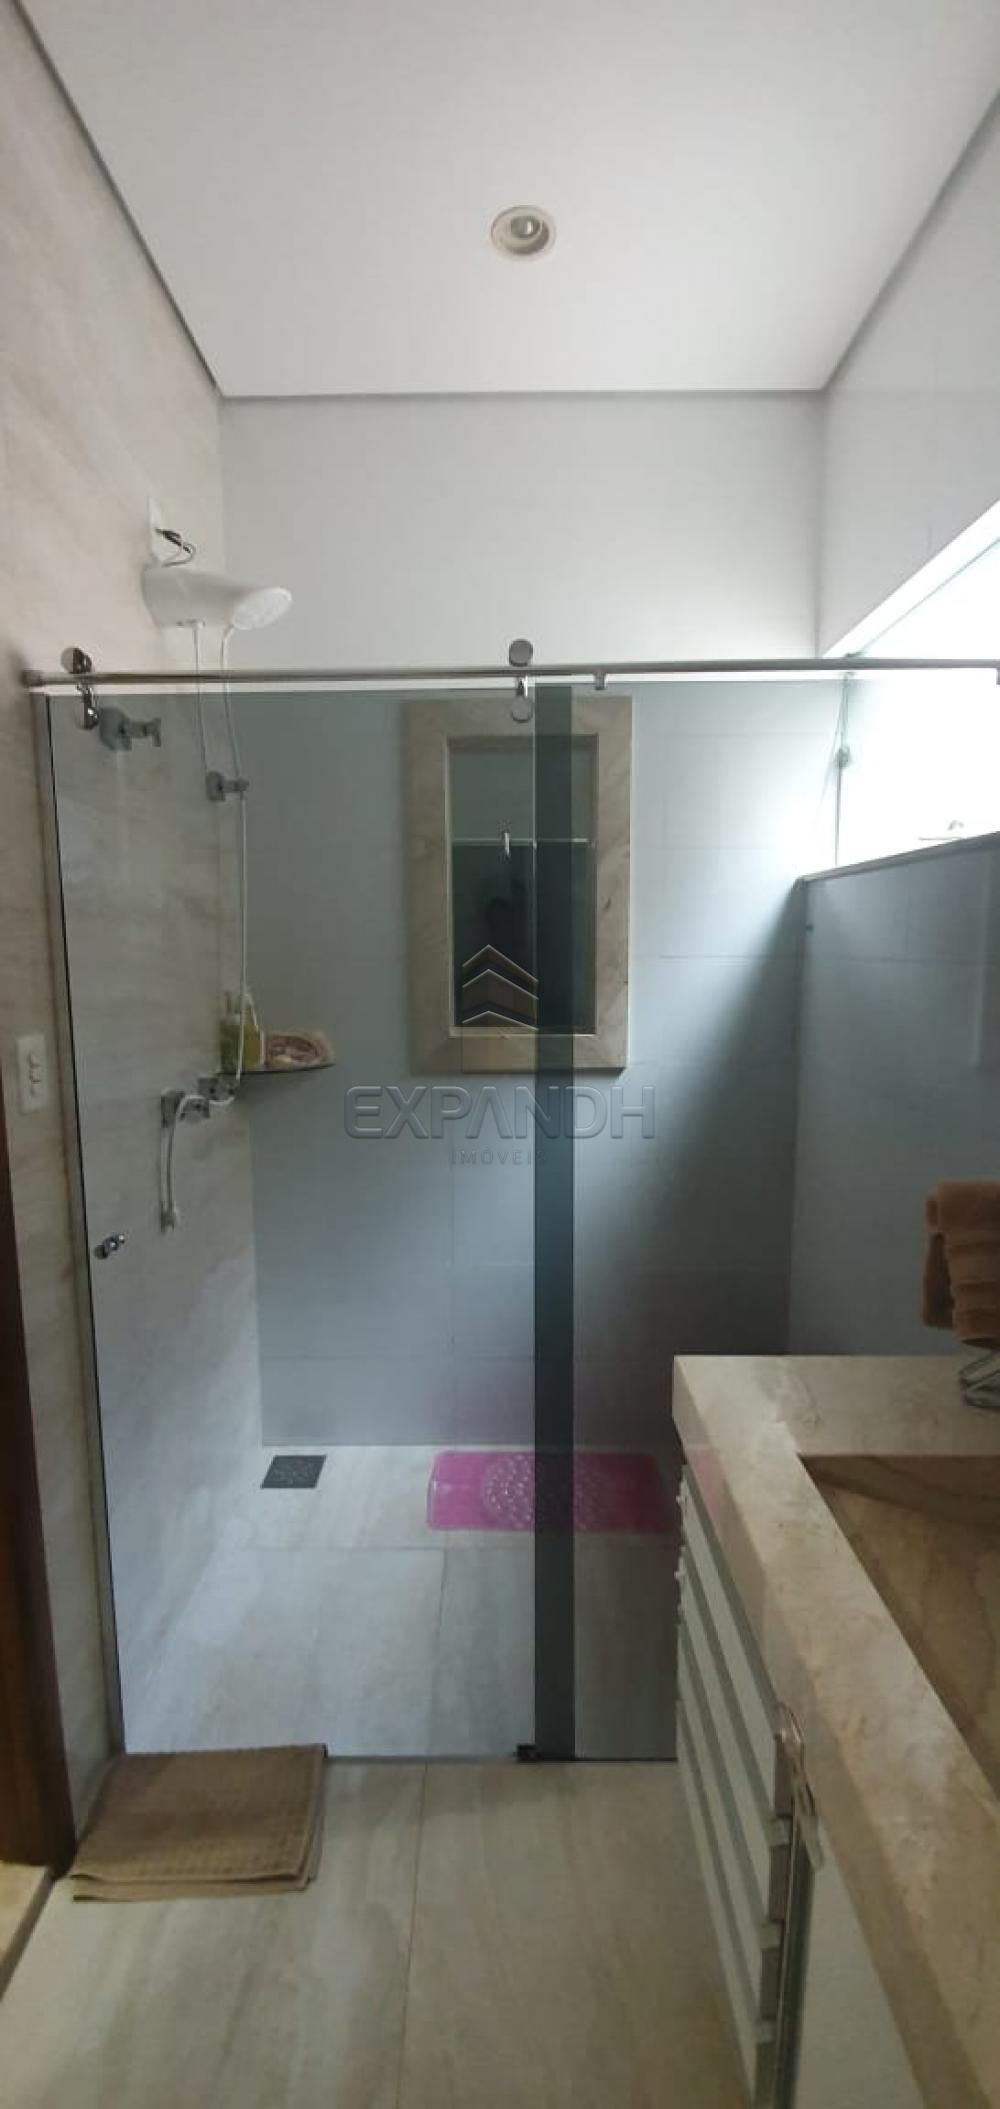 Comprar Casas / Padrão em Sertãozinho R$ 590.000,00 - Foto 25